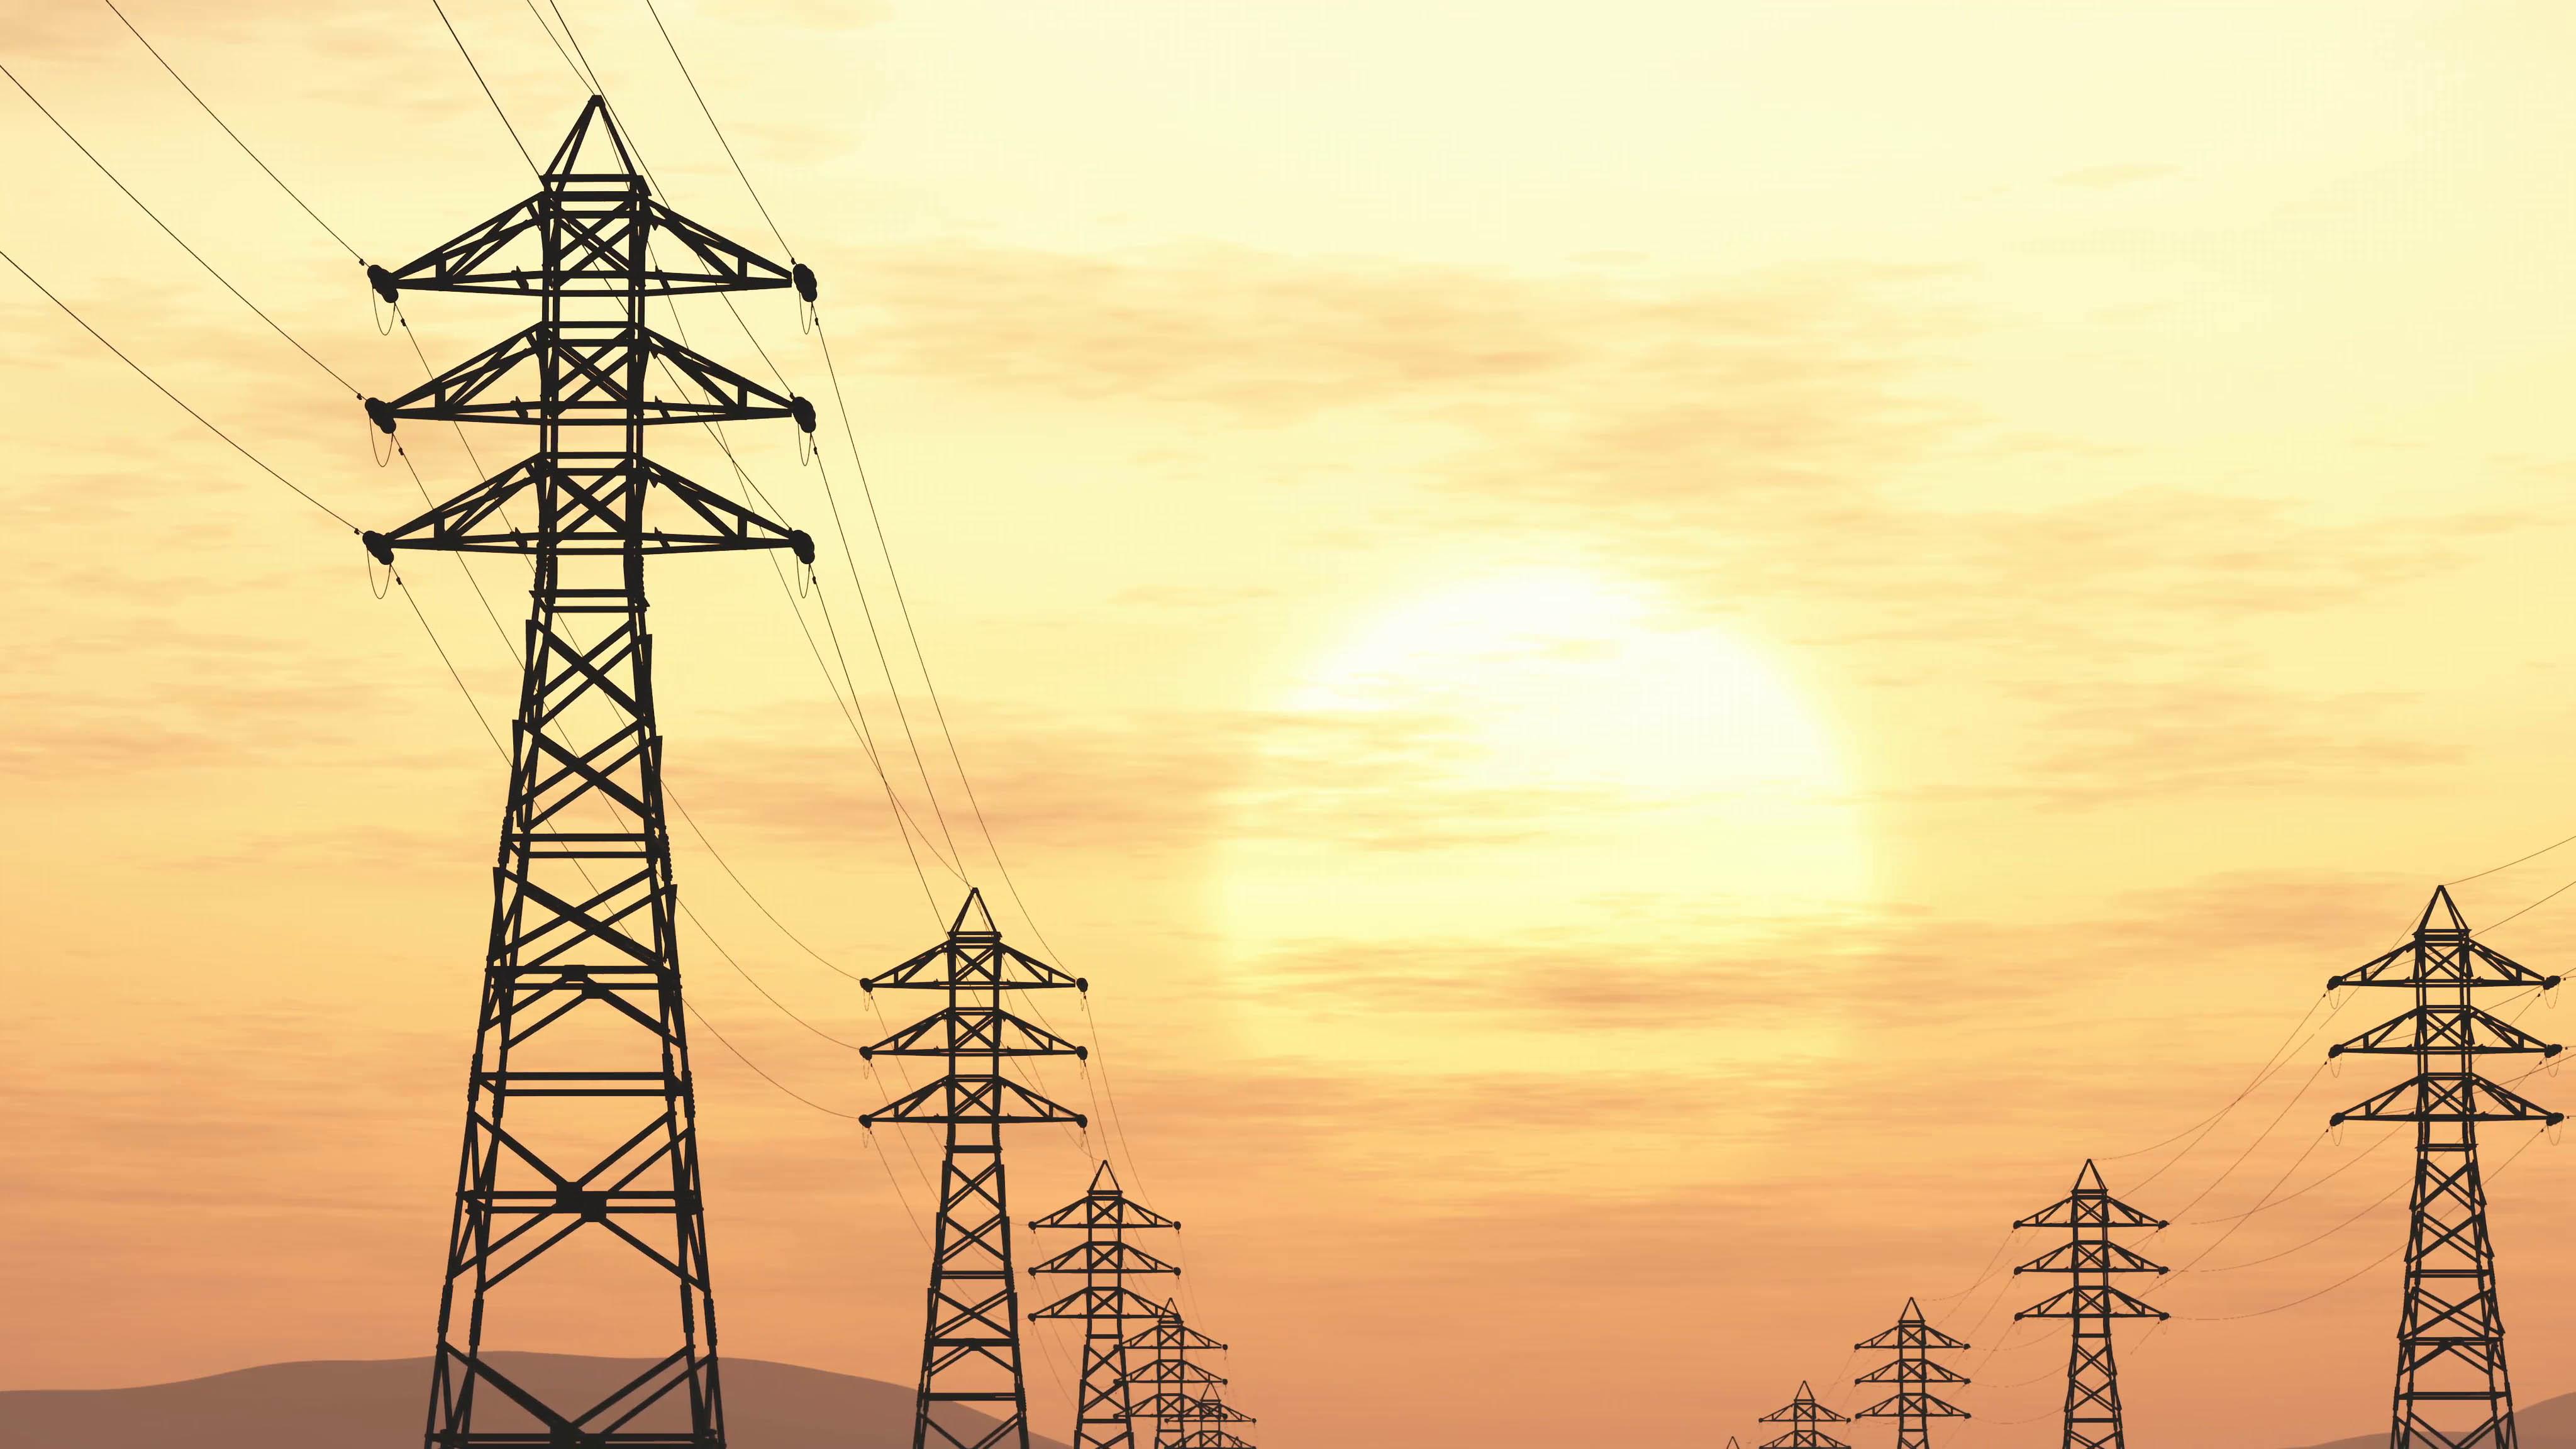 बिजली में हिमाचल को तगड़ा झटका, इस साल घटी बिजली की खपत